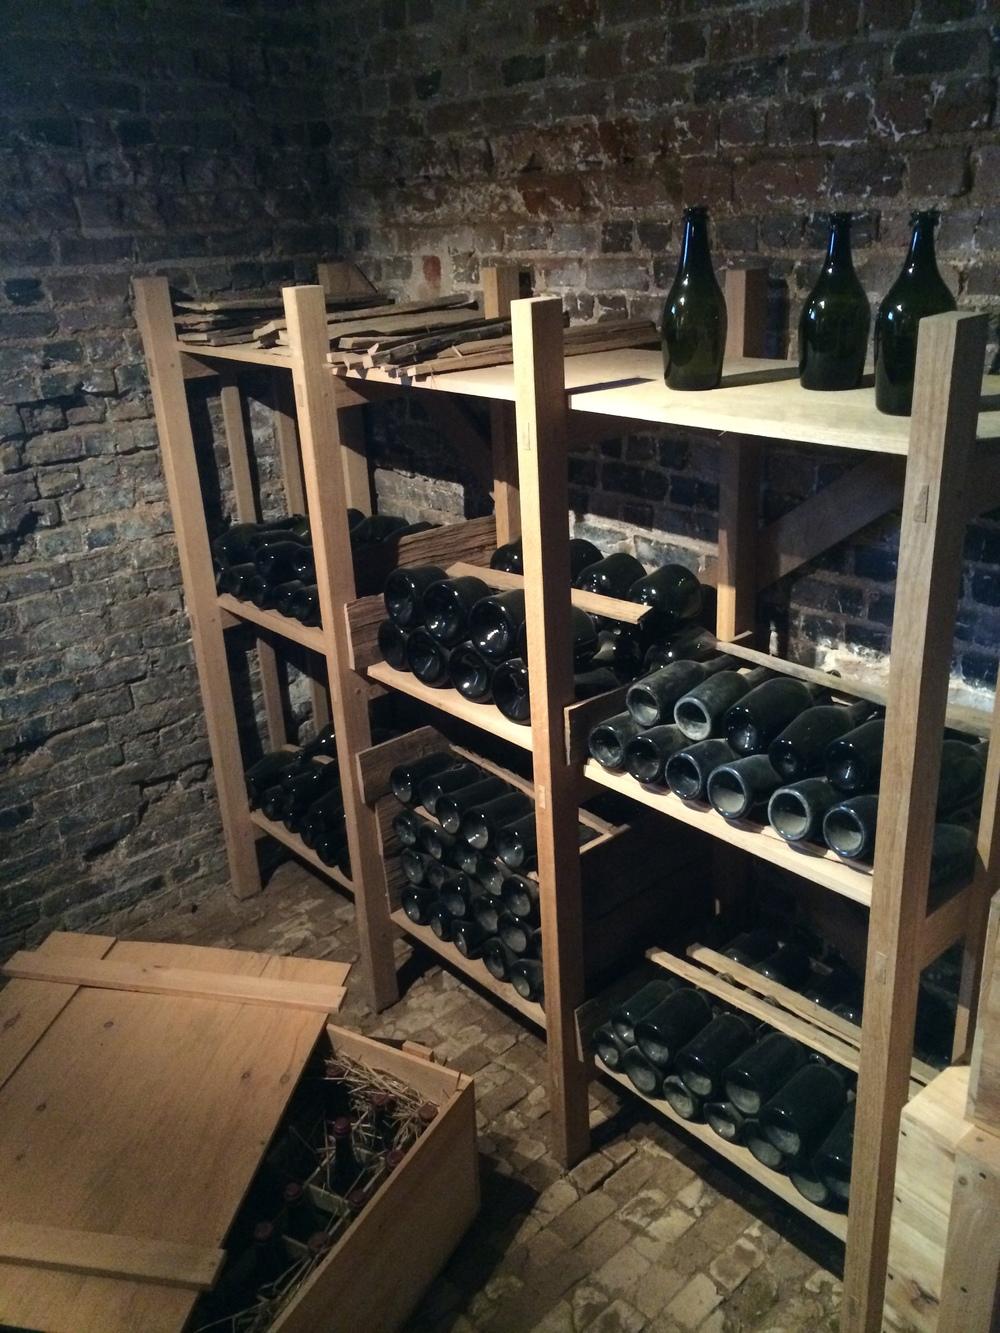 TJ's wine cellar at Monticello.